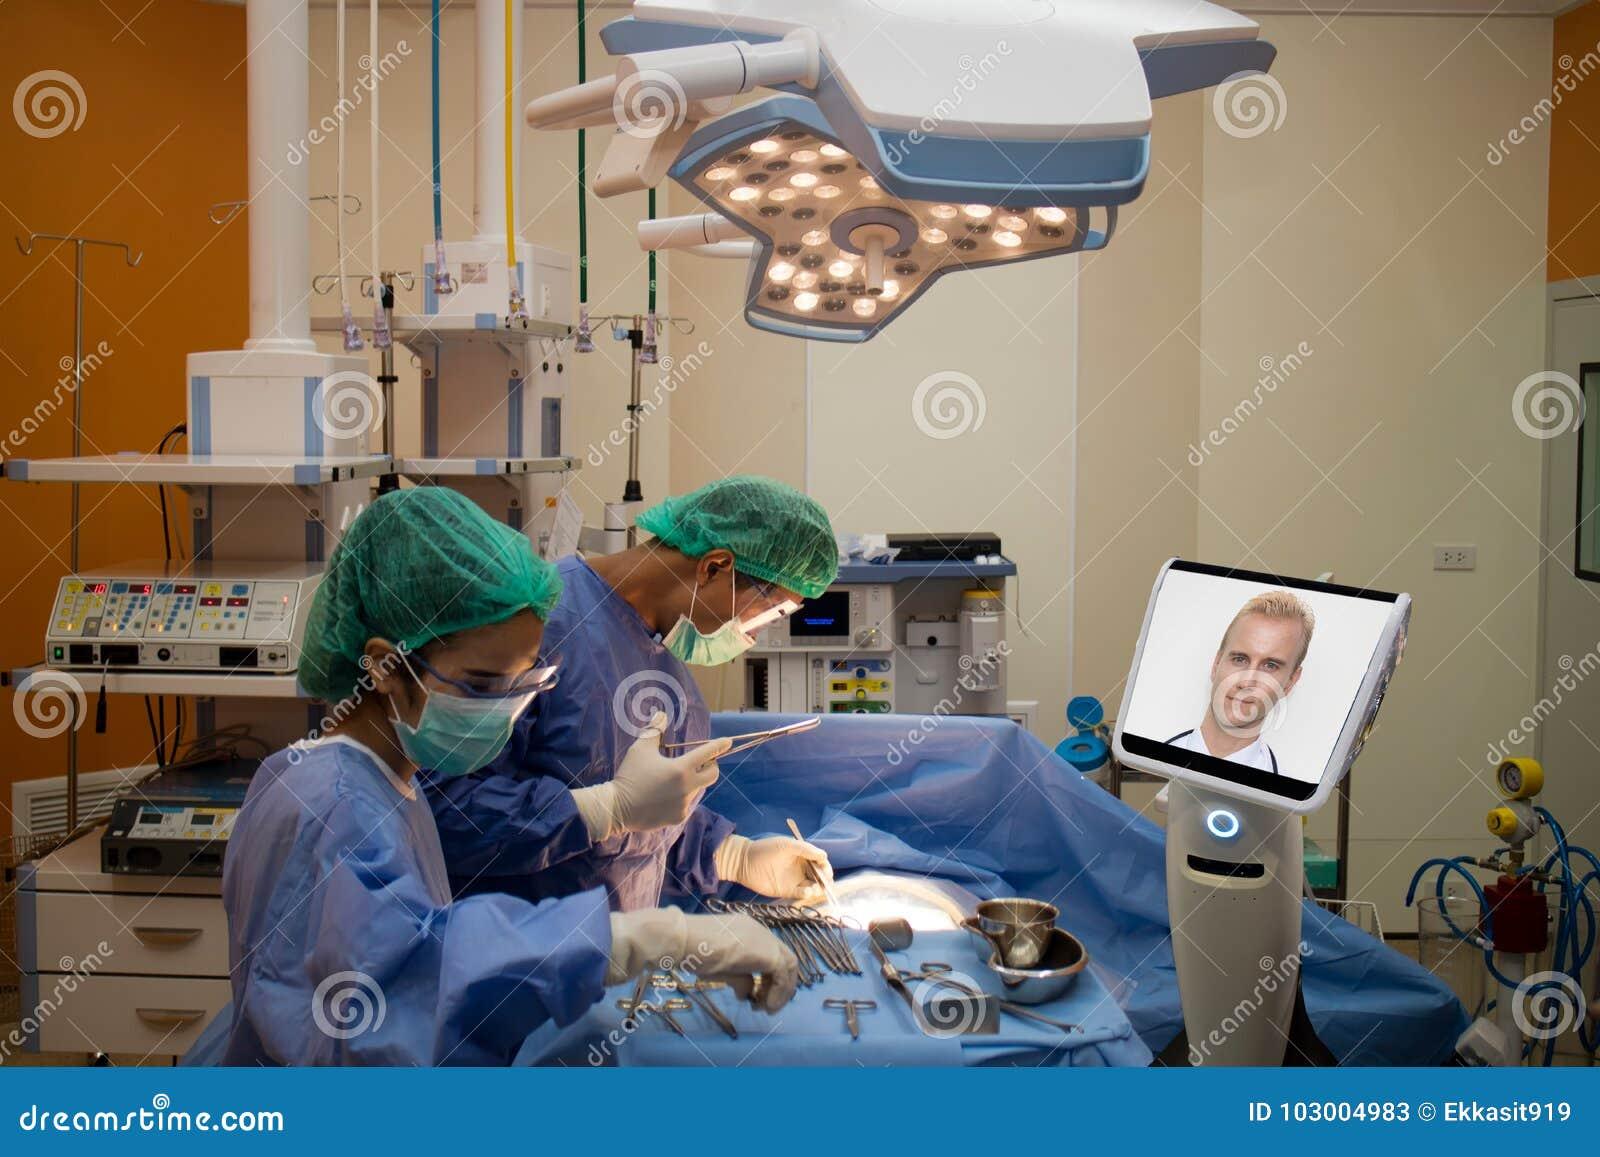 Soignez le patient de chirurgie dans la salle d opération dans l hôpital et l entretien, c